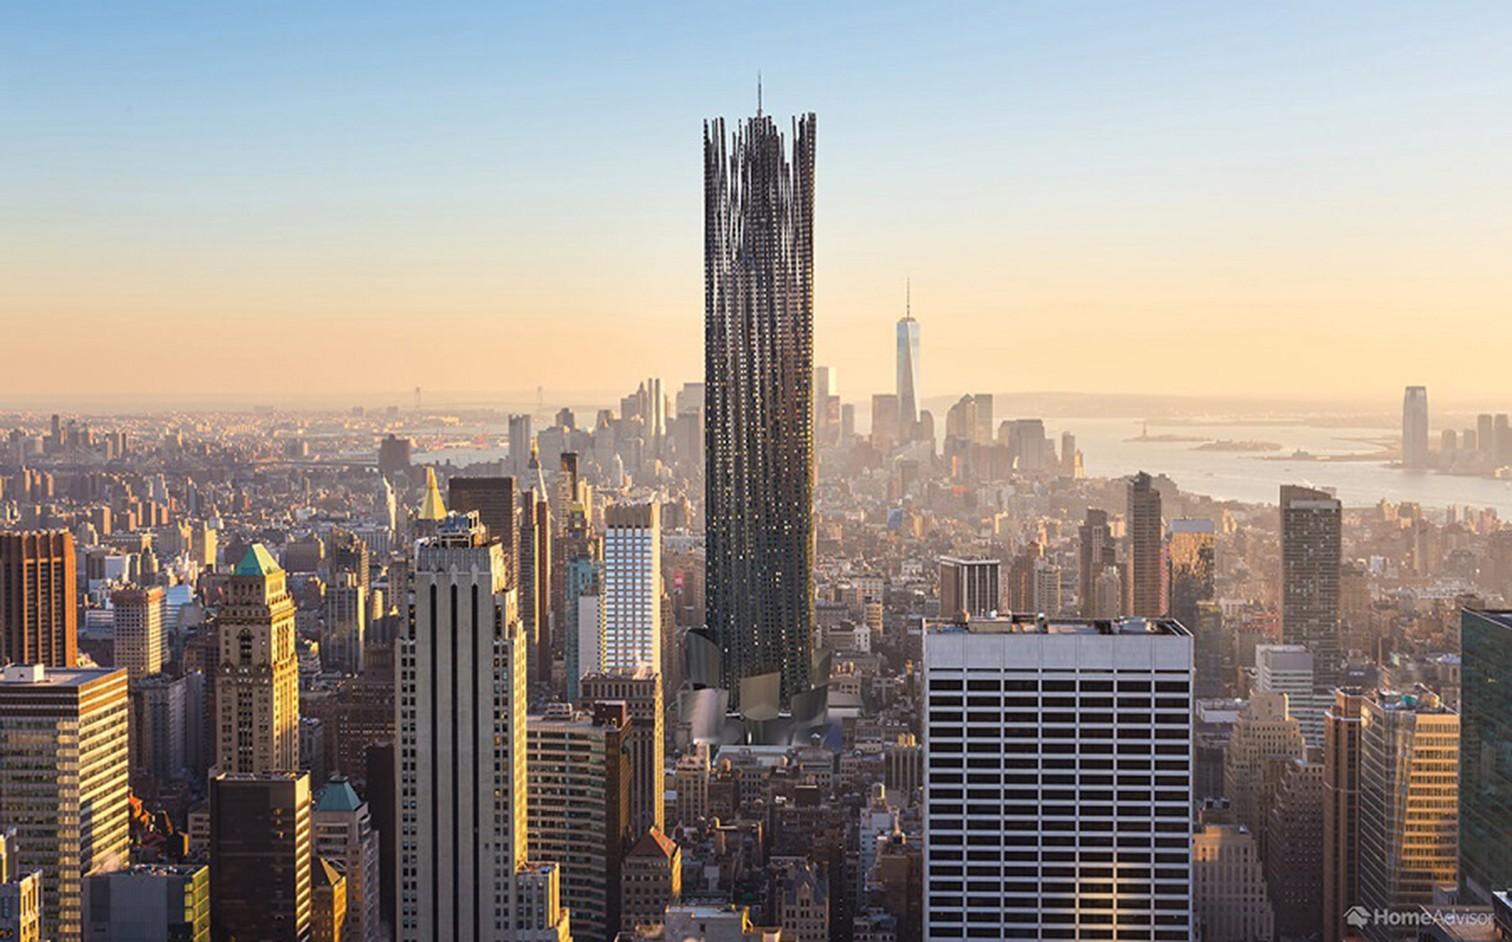 Empire State Building im dekonstruktivistischem Stil